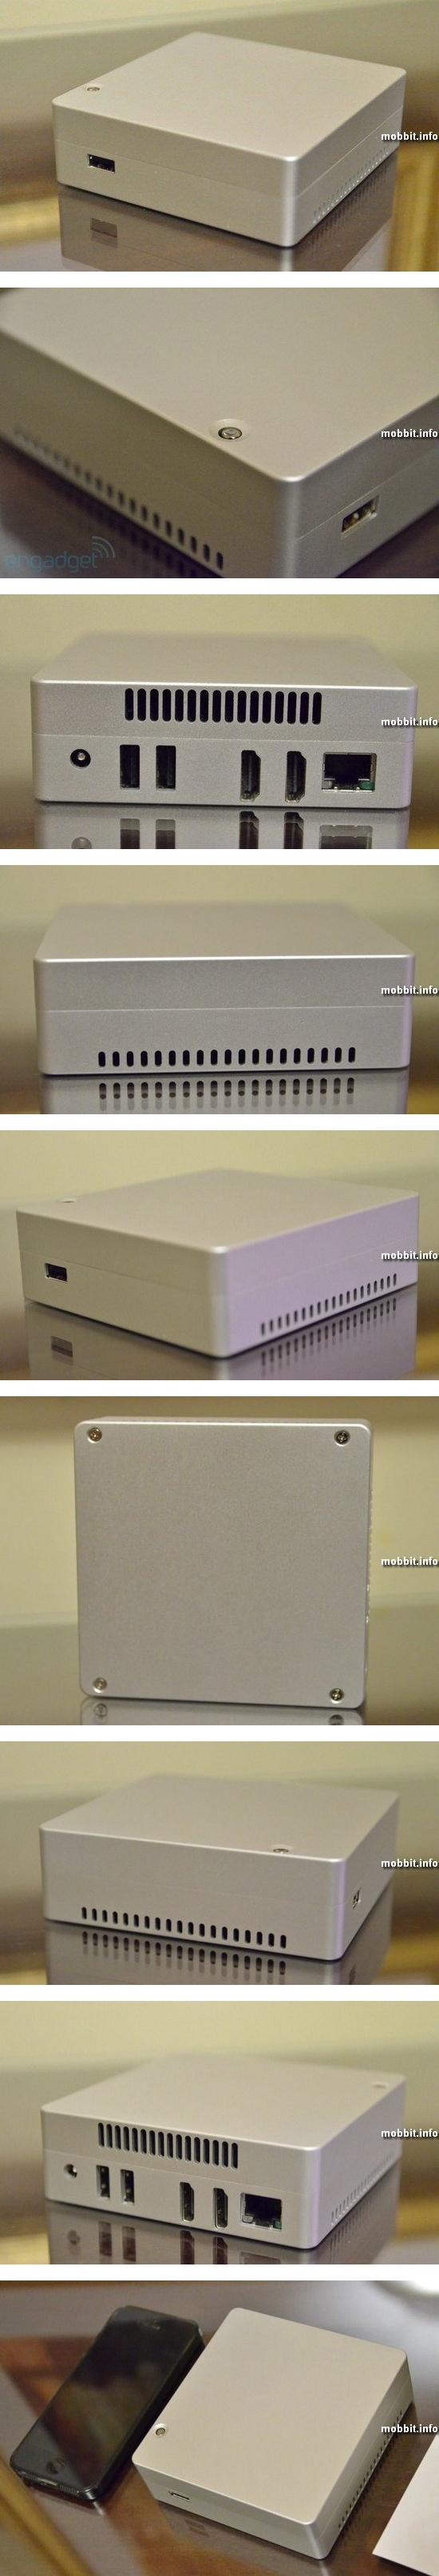 Крошечный, но мощный десктоп от Gigabyte